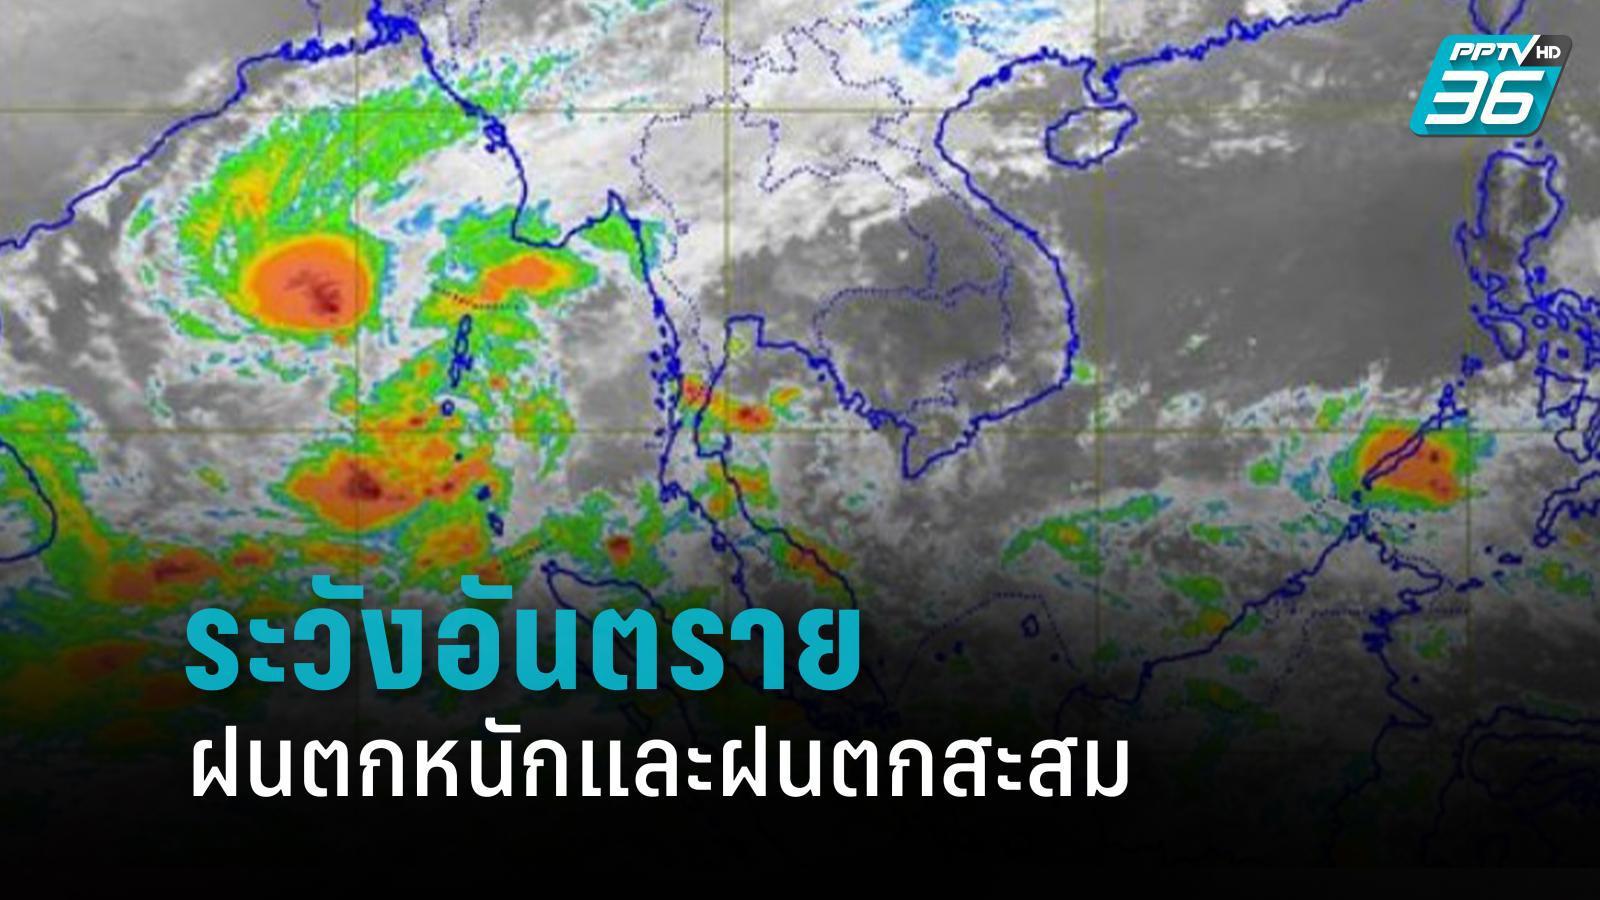 อุตุฯ เผย ไต้ฝุ่นไห่เฉิน ไม่กระทบไทย แต่ระวัง ฝนฟ้าคะนองทั่วประเทศ กรุงเทพฯร้อยละ 60